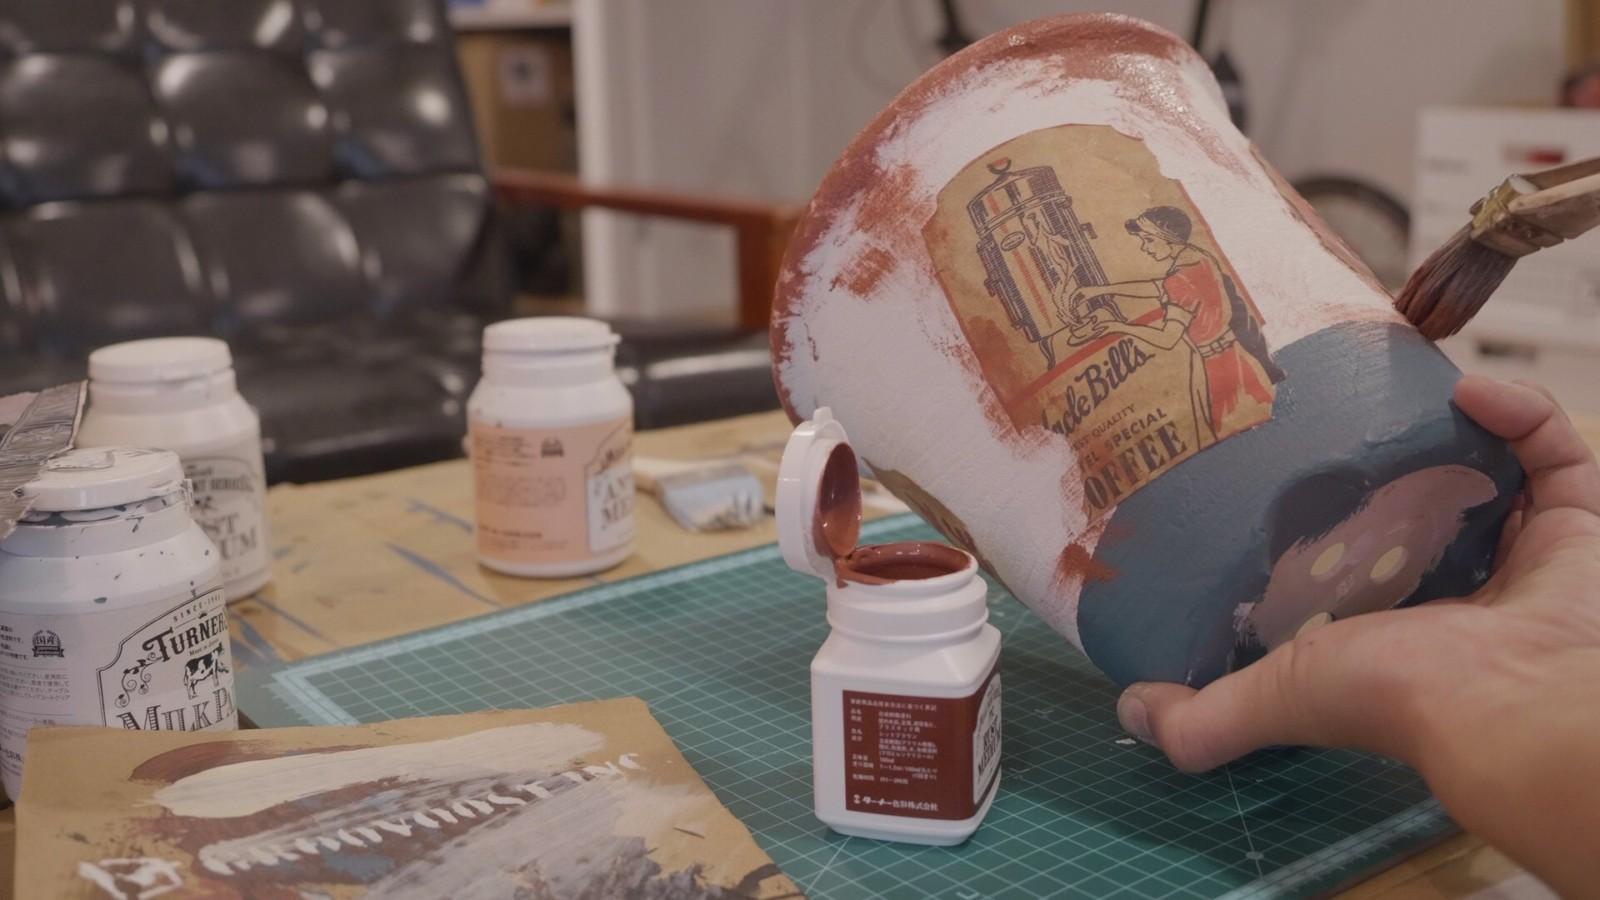 ターナーミルクペイントで植木鉢をビンテージ加工する